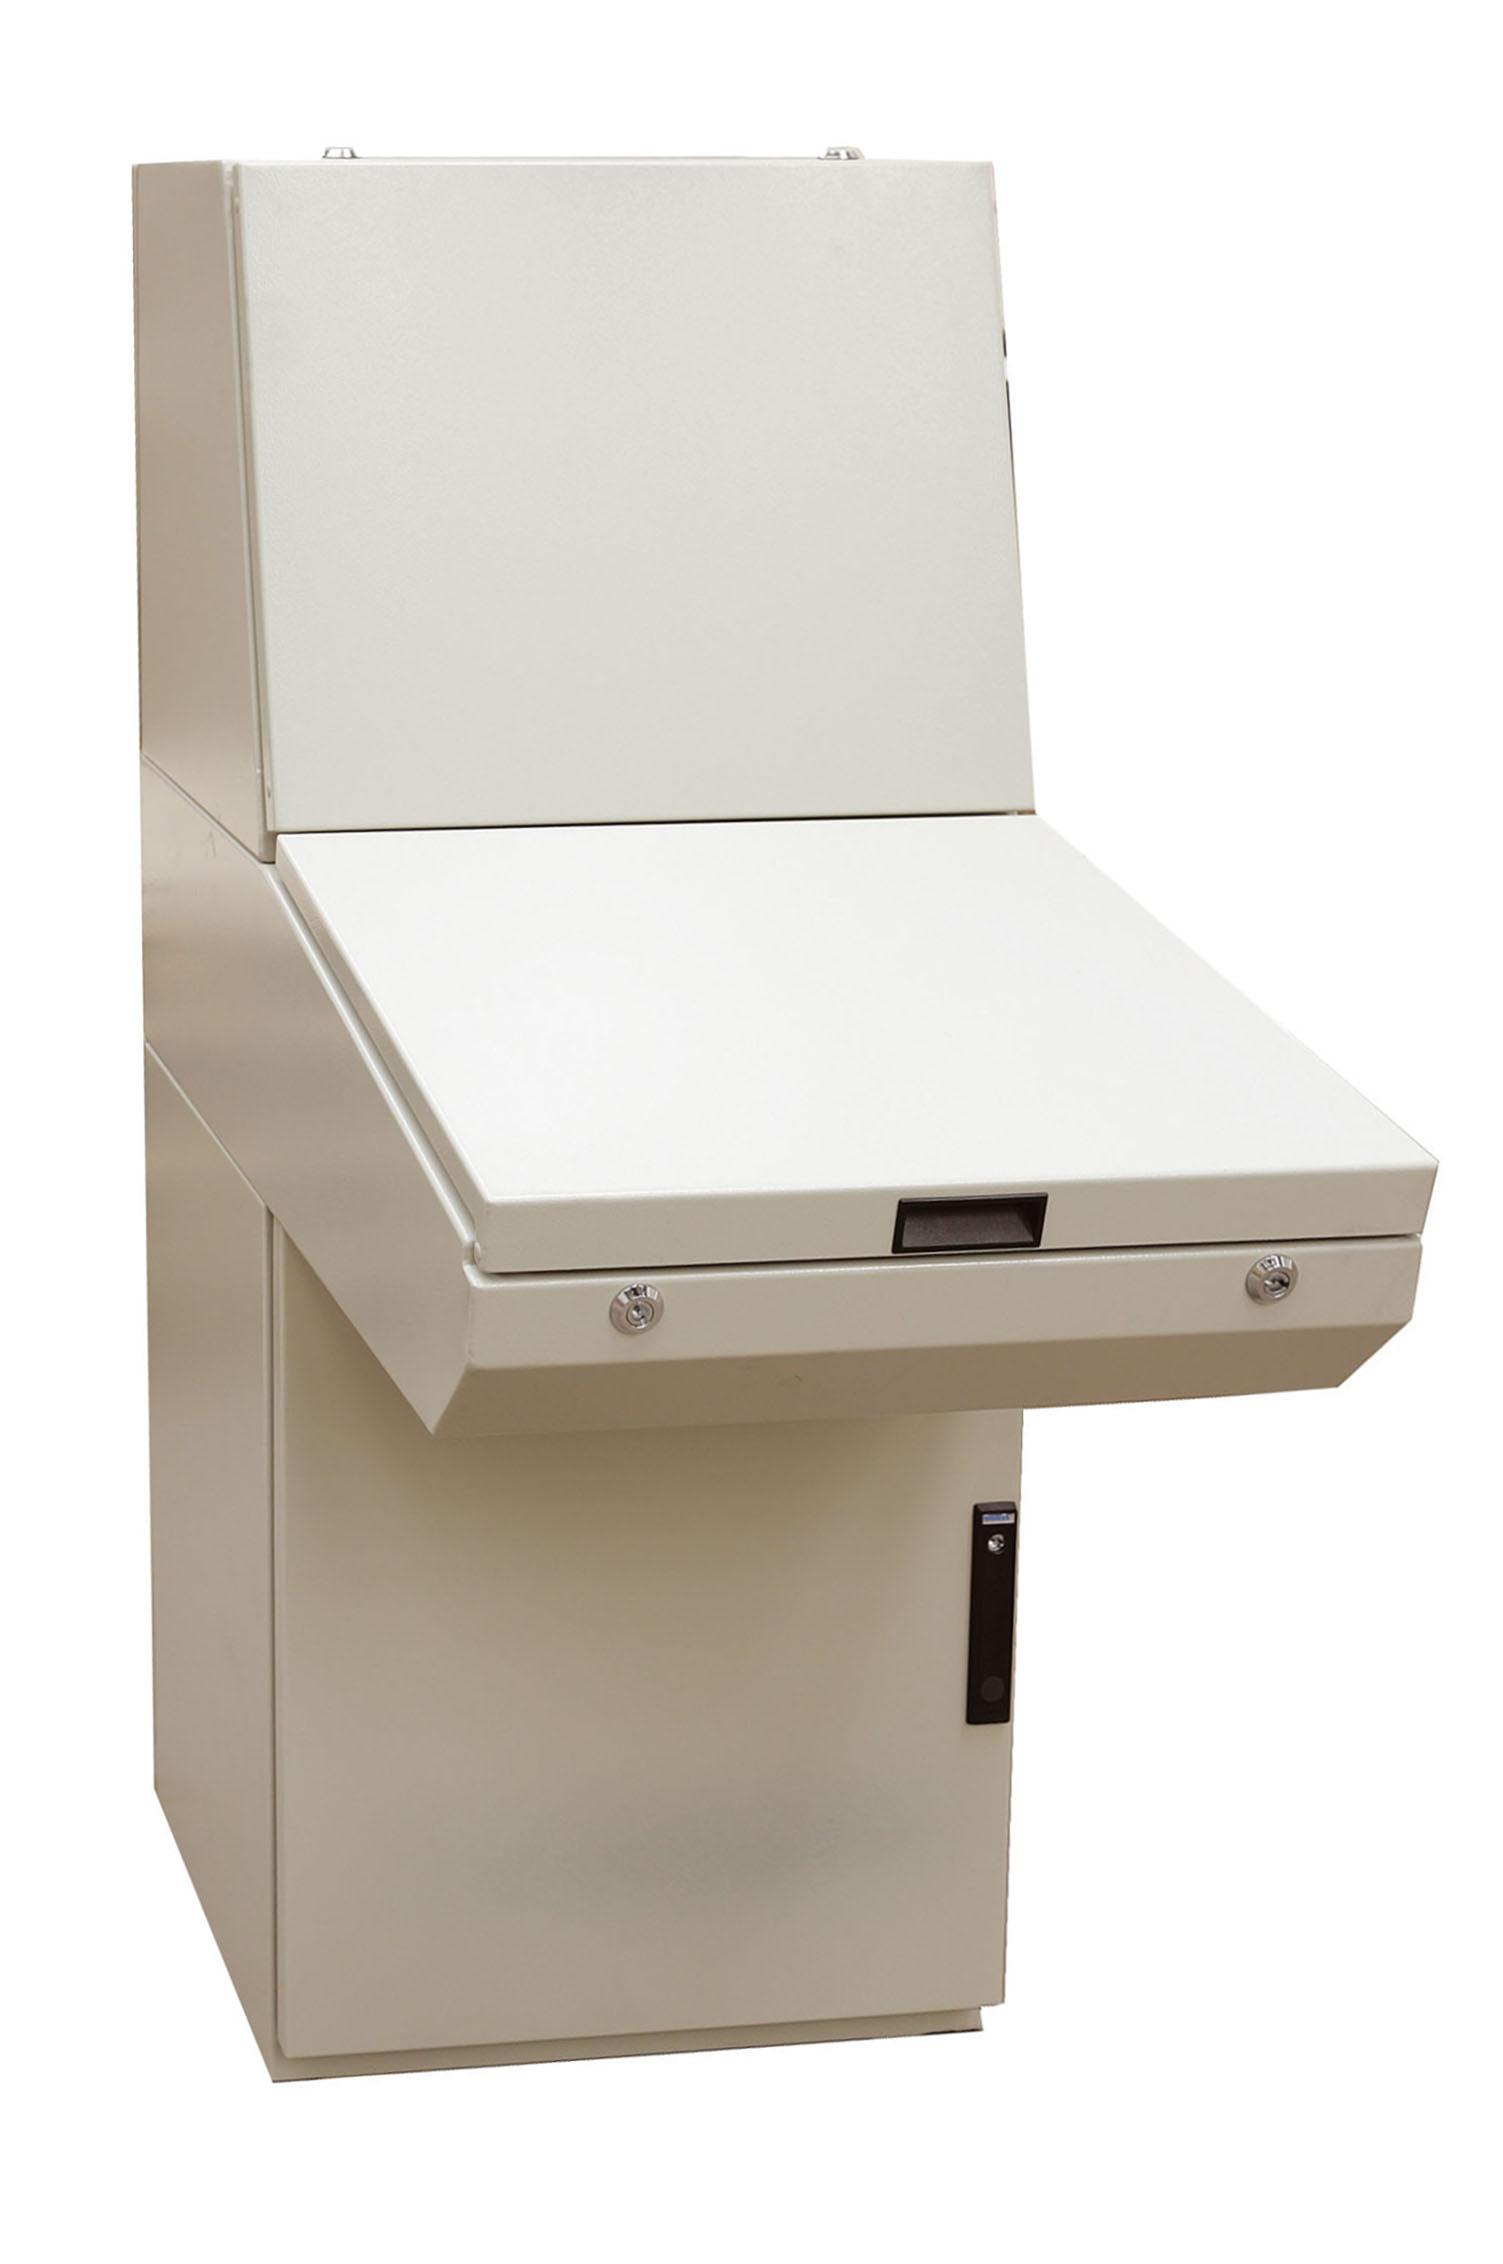 1 Stk Pult Modul Aufsatz 800mm breit ASPC0810--